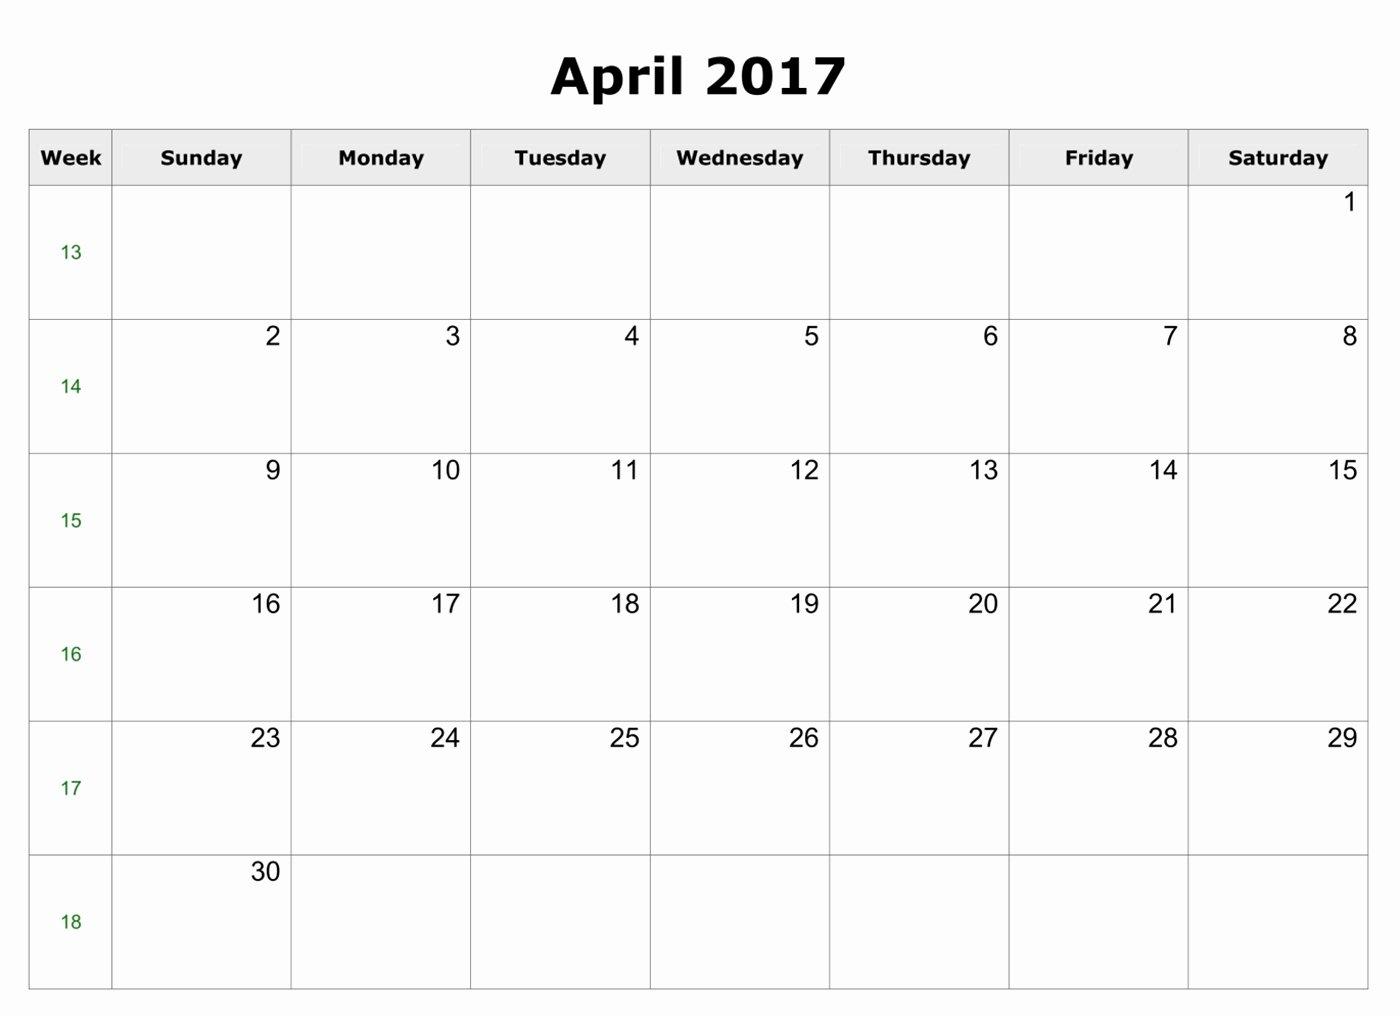 april 2017 excel calendar